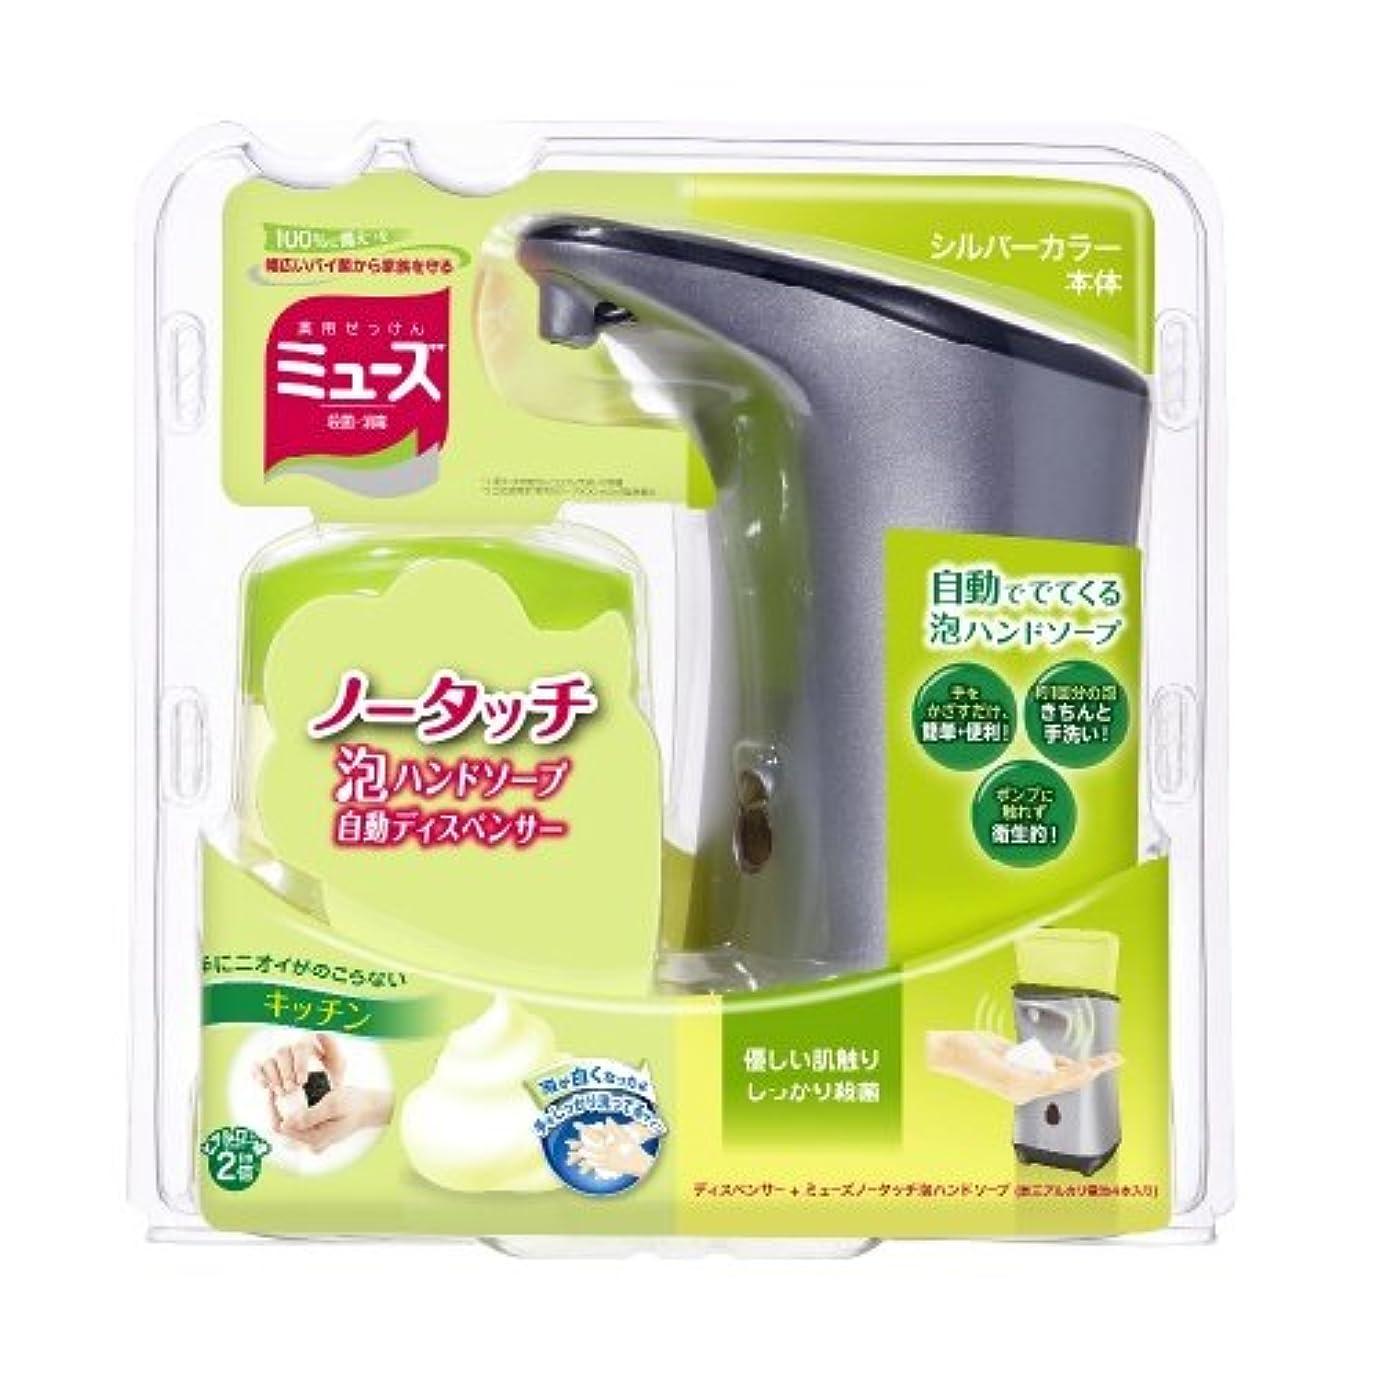 隙間下に同行アース ミューズ ノータッチ泡ハンドソープ キッチン 自動ディスペンサー 250ml ( 手洗い約250回分 ) 医薬部外品×3点セット ( 4906156800708 )